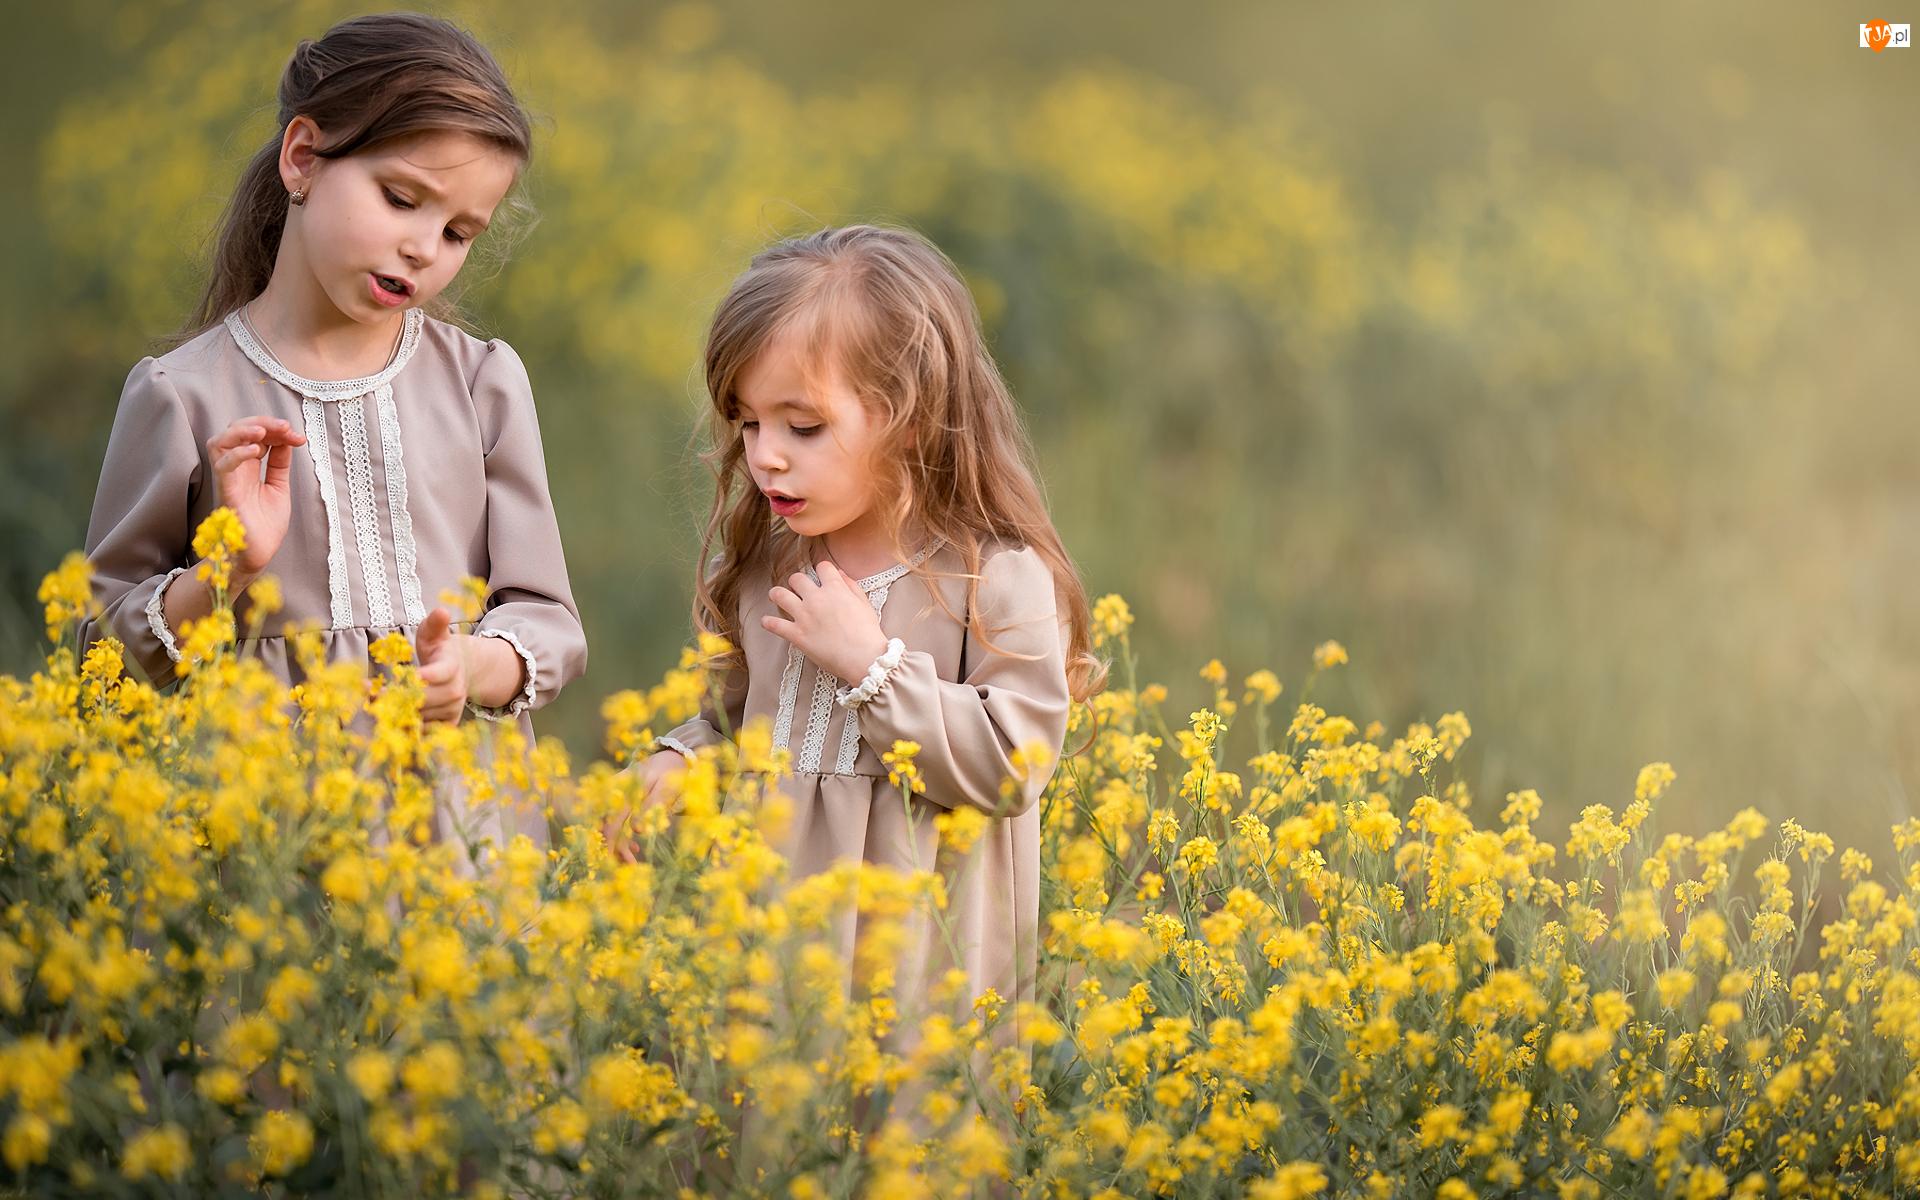 Rzepak, Dzieci, Dziewczynki, Kwiaty